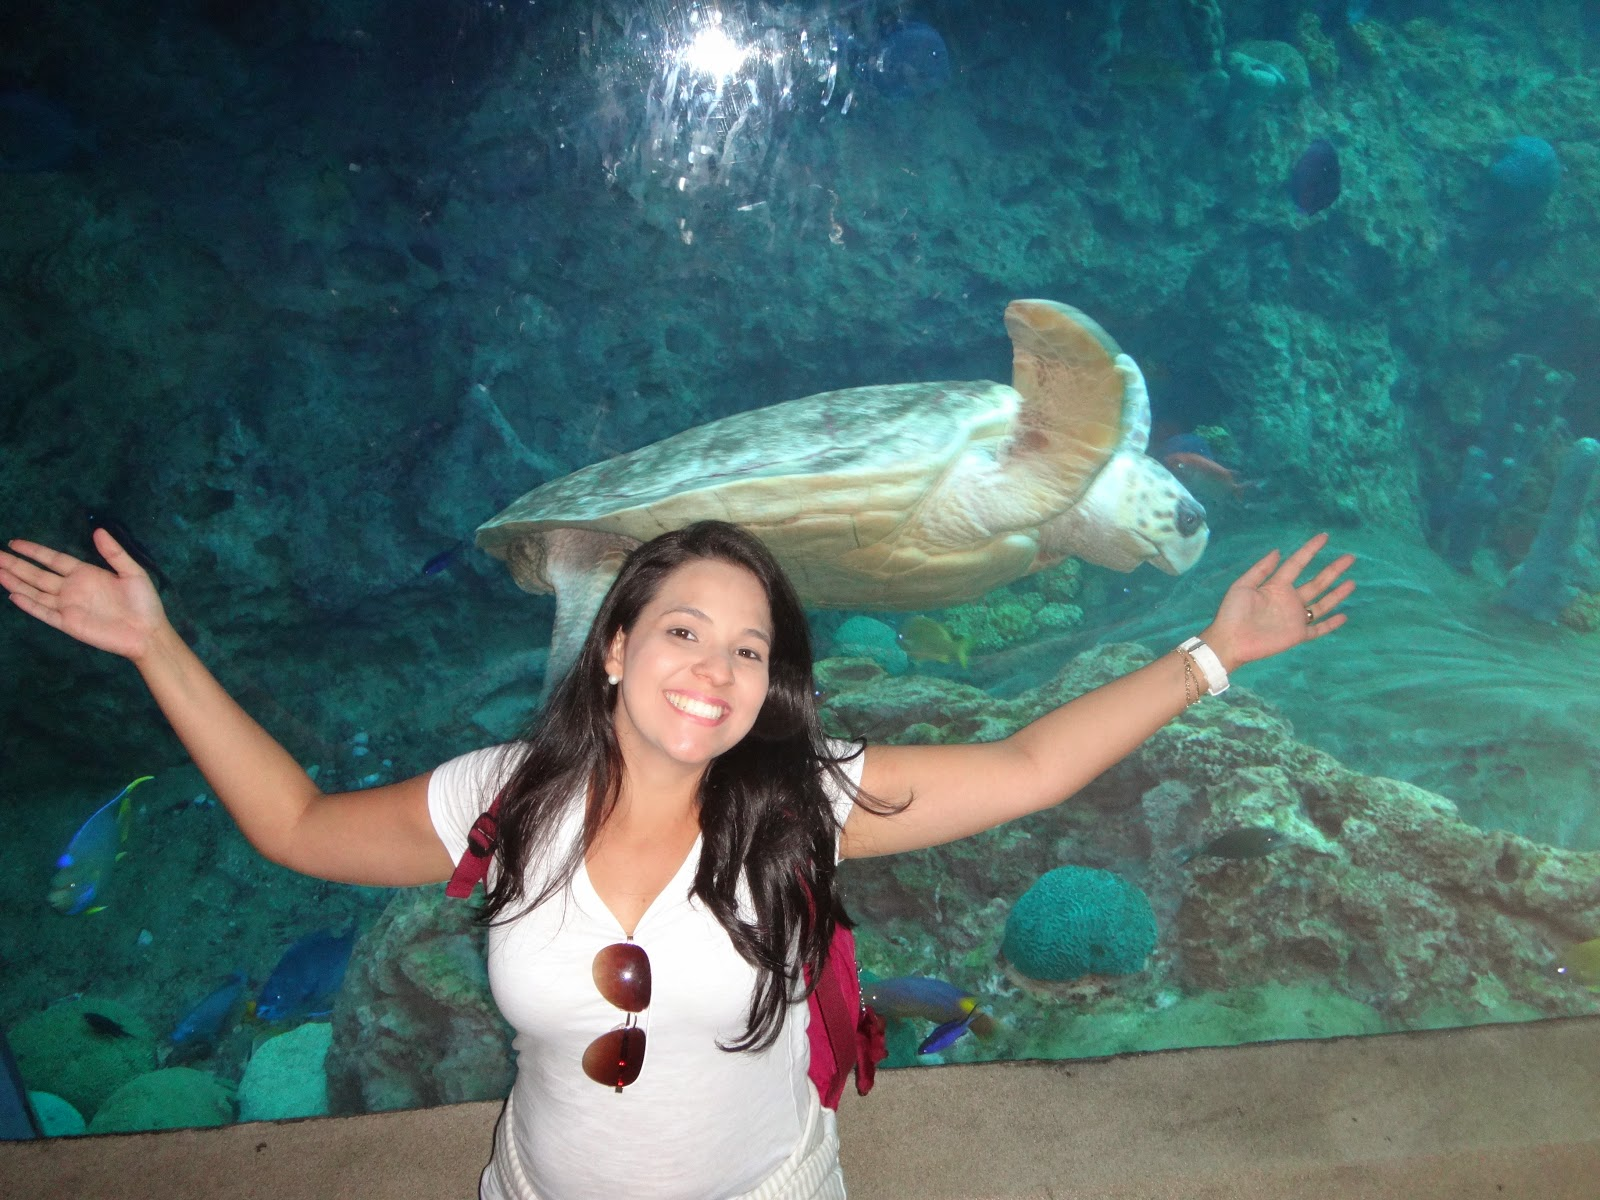 aquario - parque sea world - orlando, florida